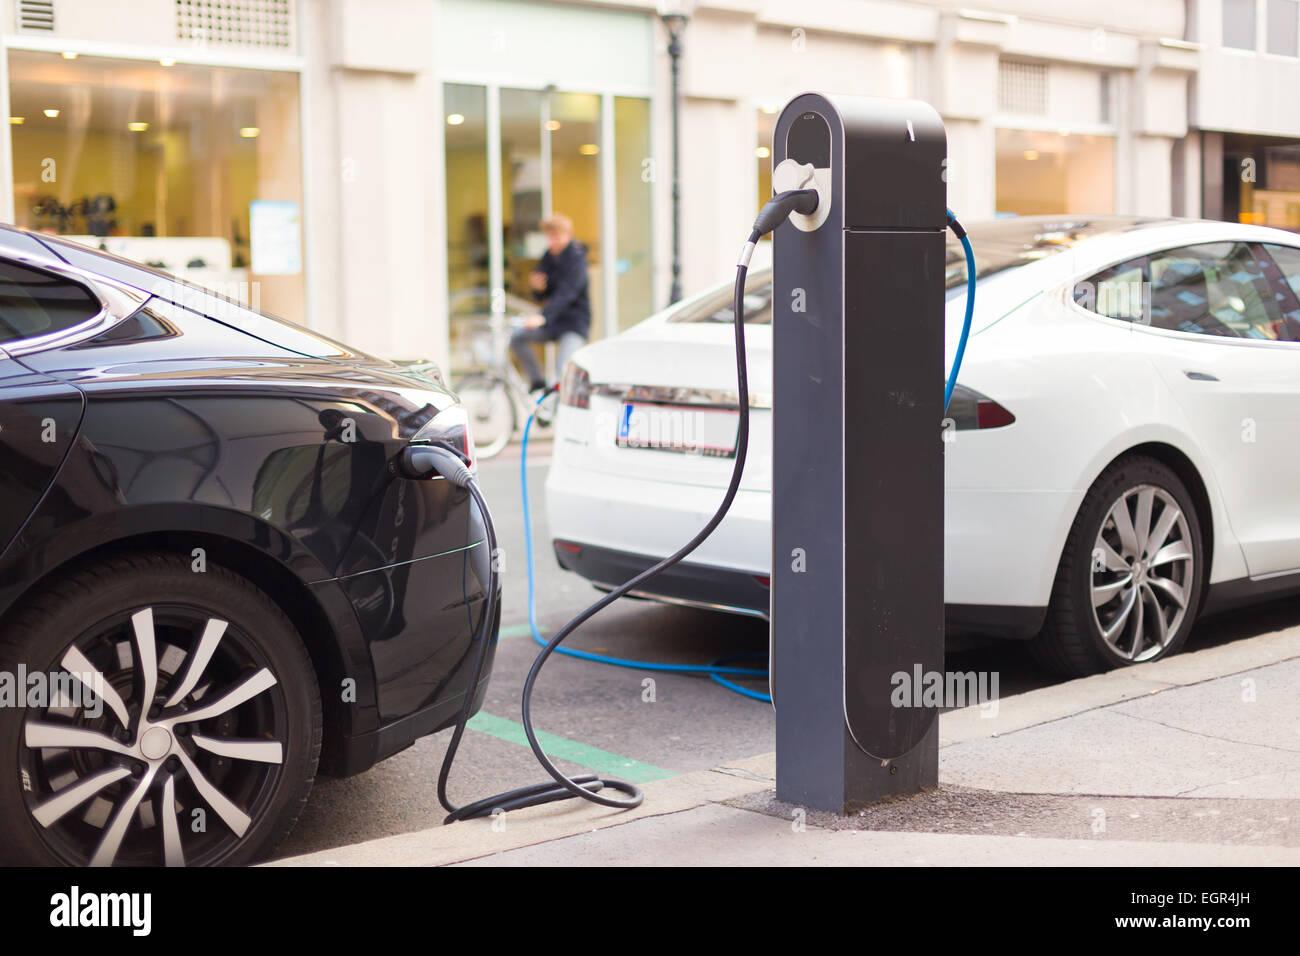 Voitures électriques dans la station de charge. Photo Stock